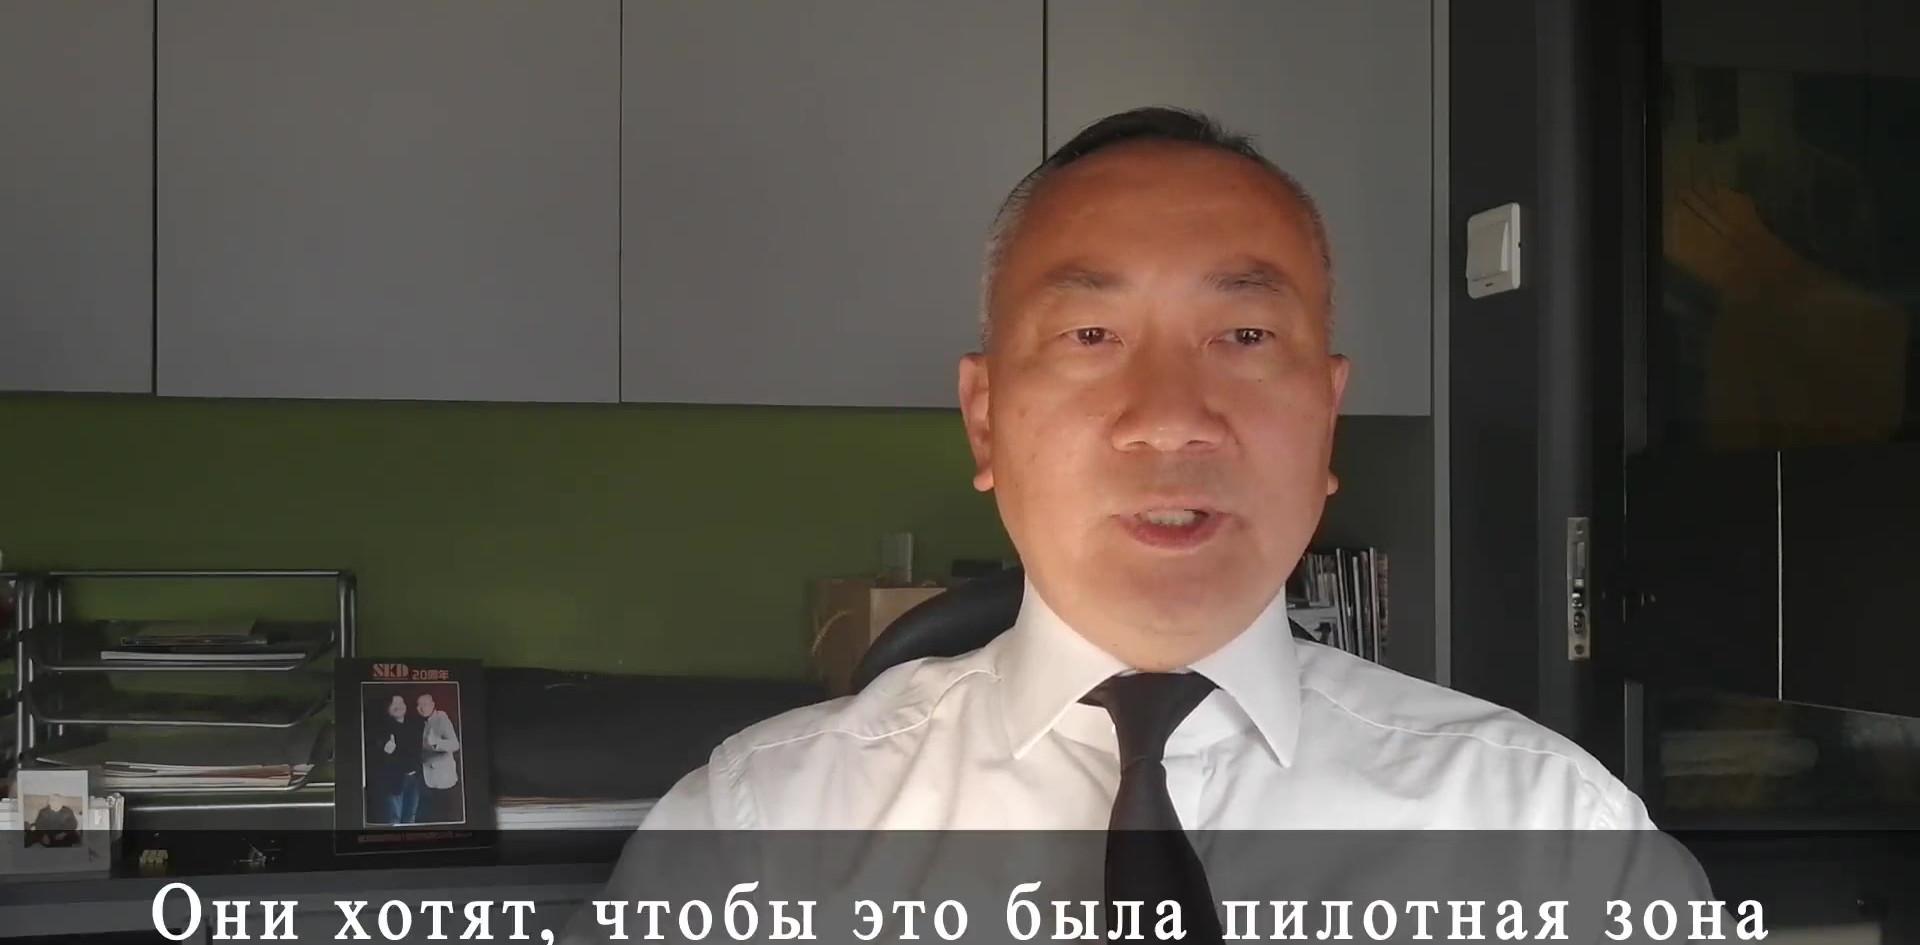 Никсон Чанг